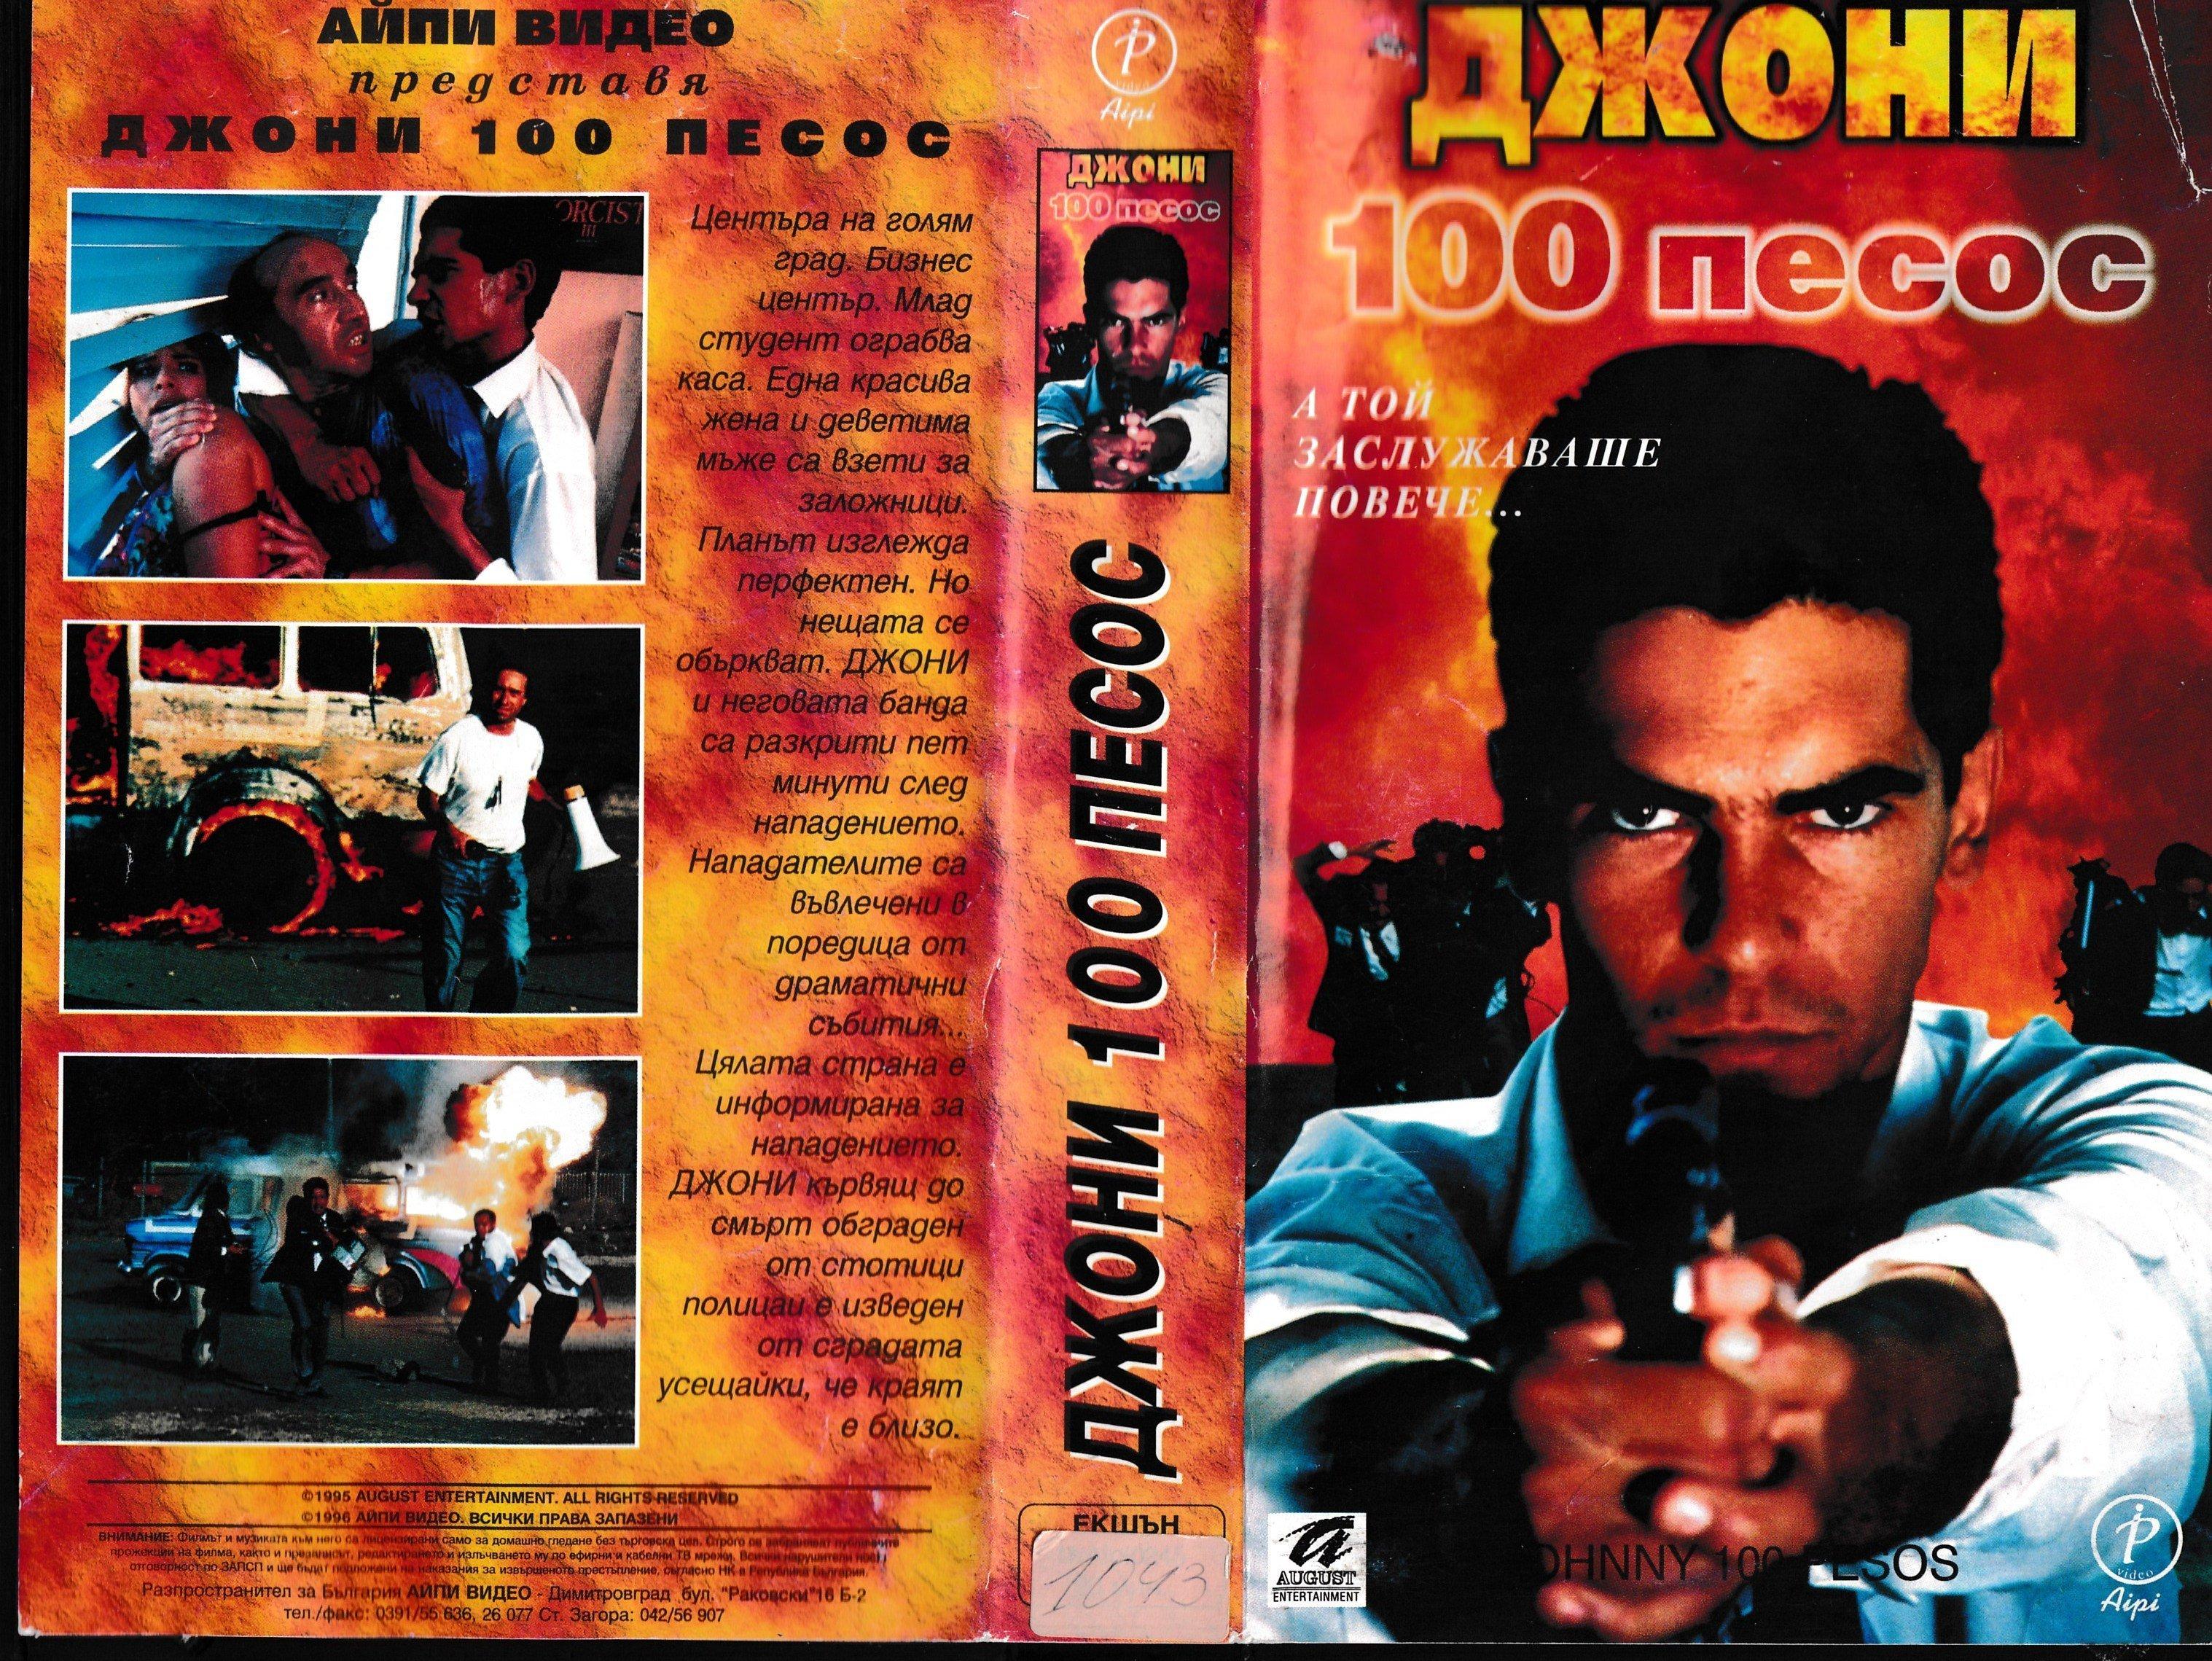 Джони 100 песос филм